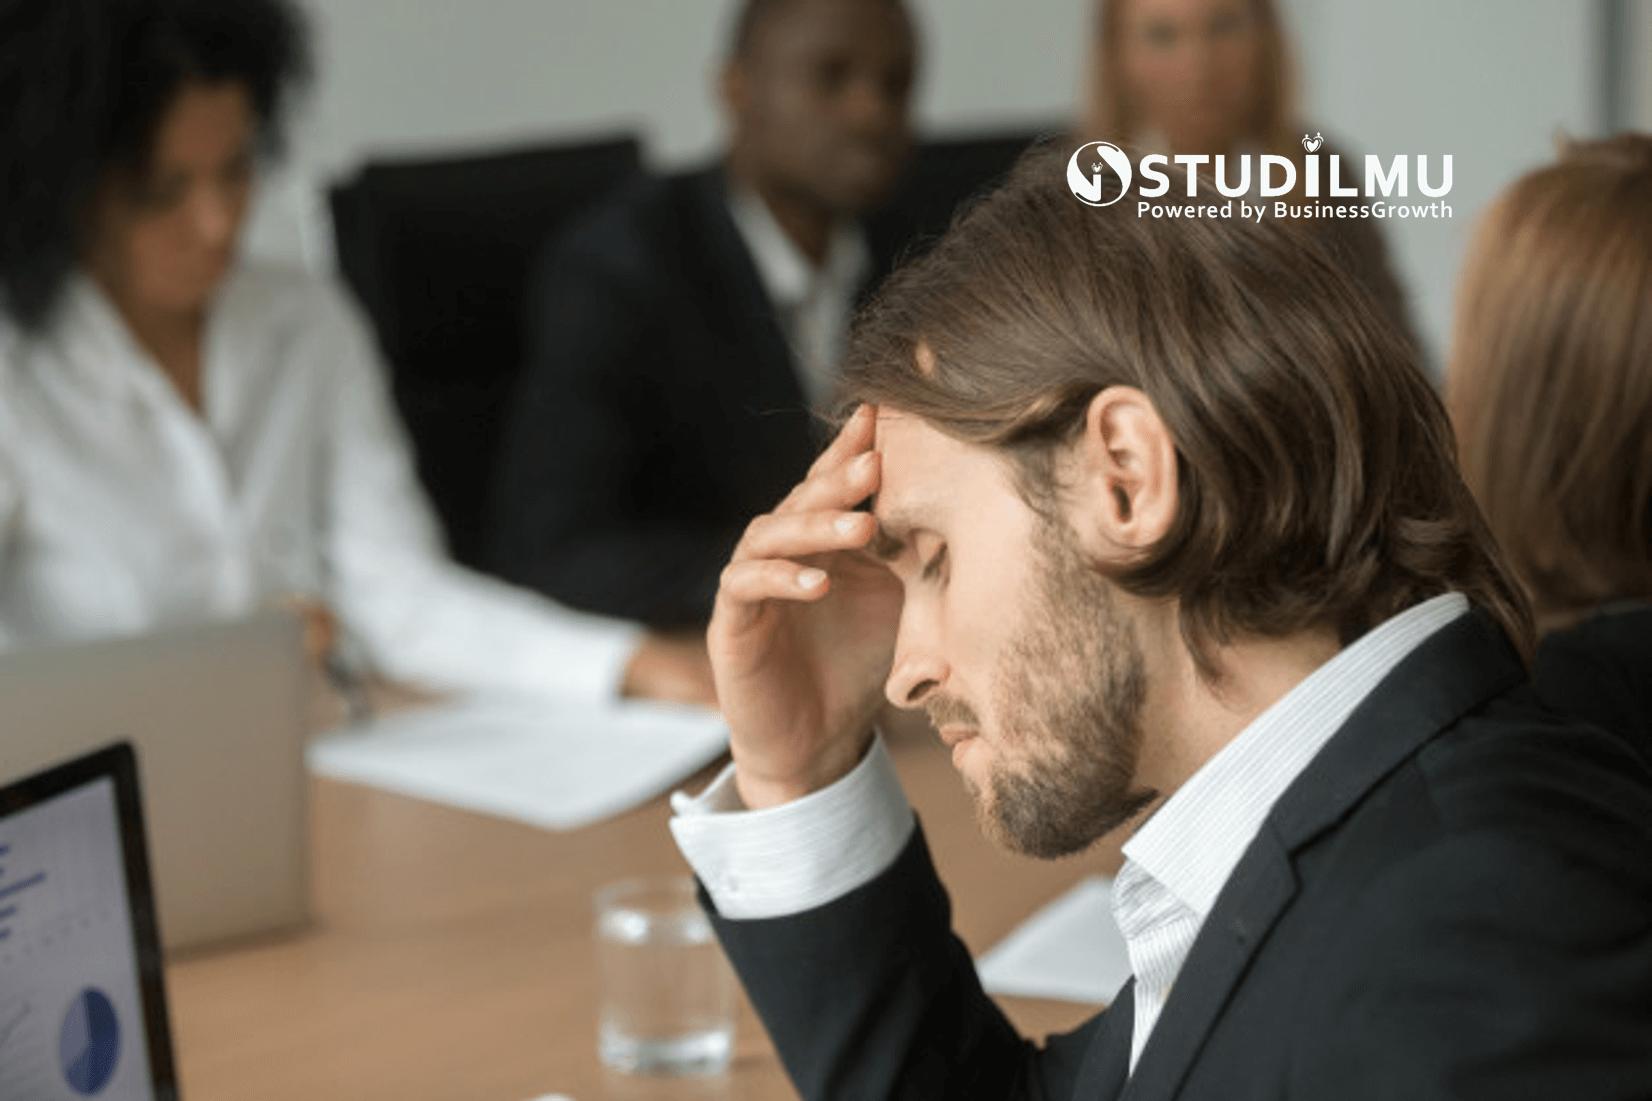 STUDILMU Career Advice - 3 Cara Mencegah Burnout dalam Tim